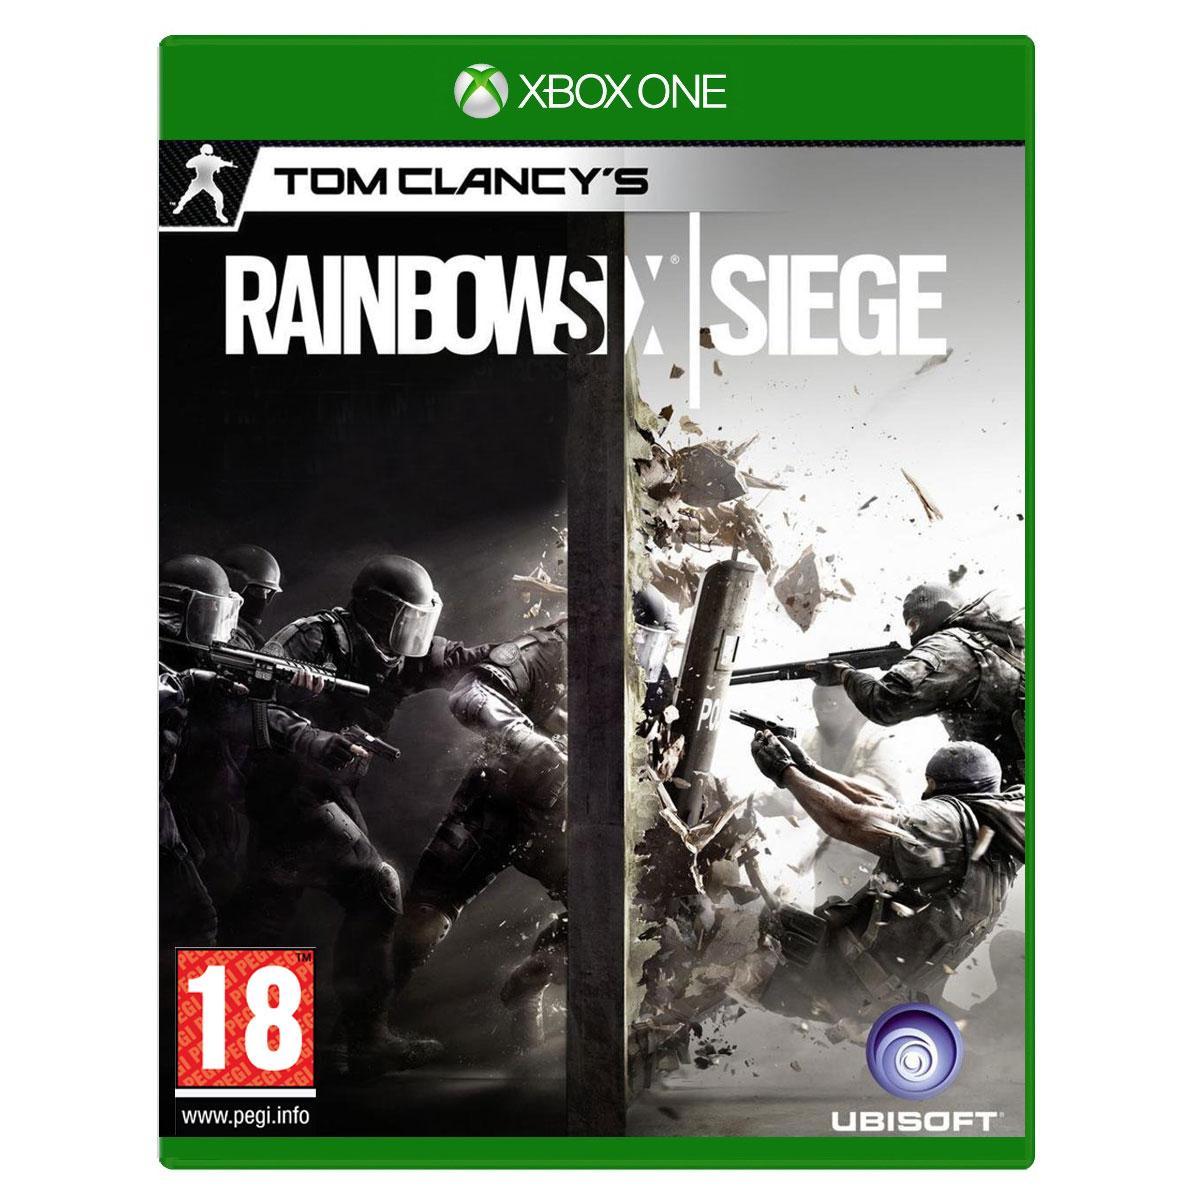 Tom Clancy's Rainbow Six Siege sur Xbox One